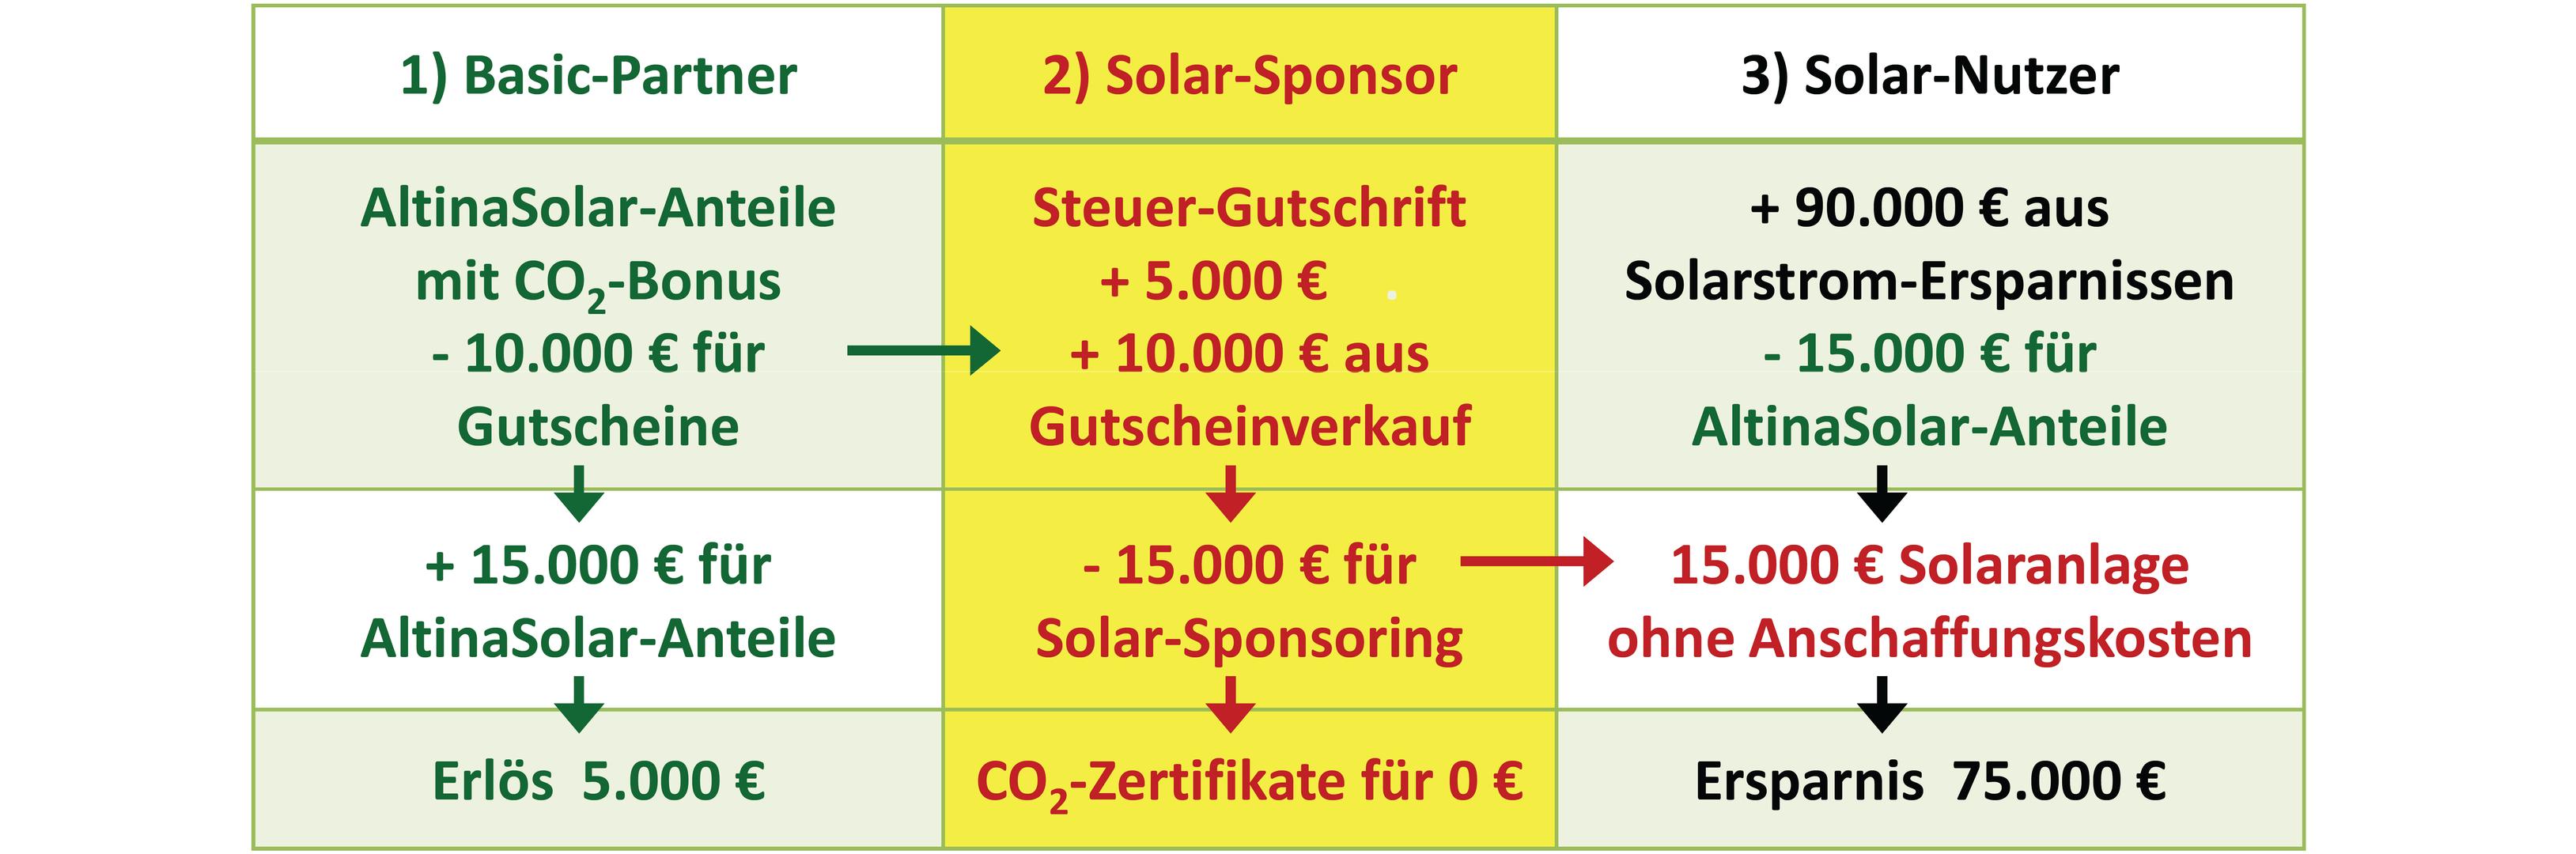 Gewerbliche Mitglieder - Solar-Sponsor